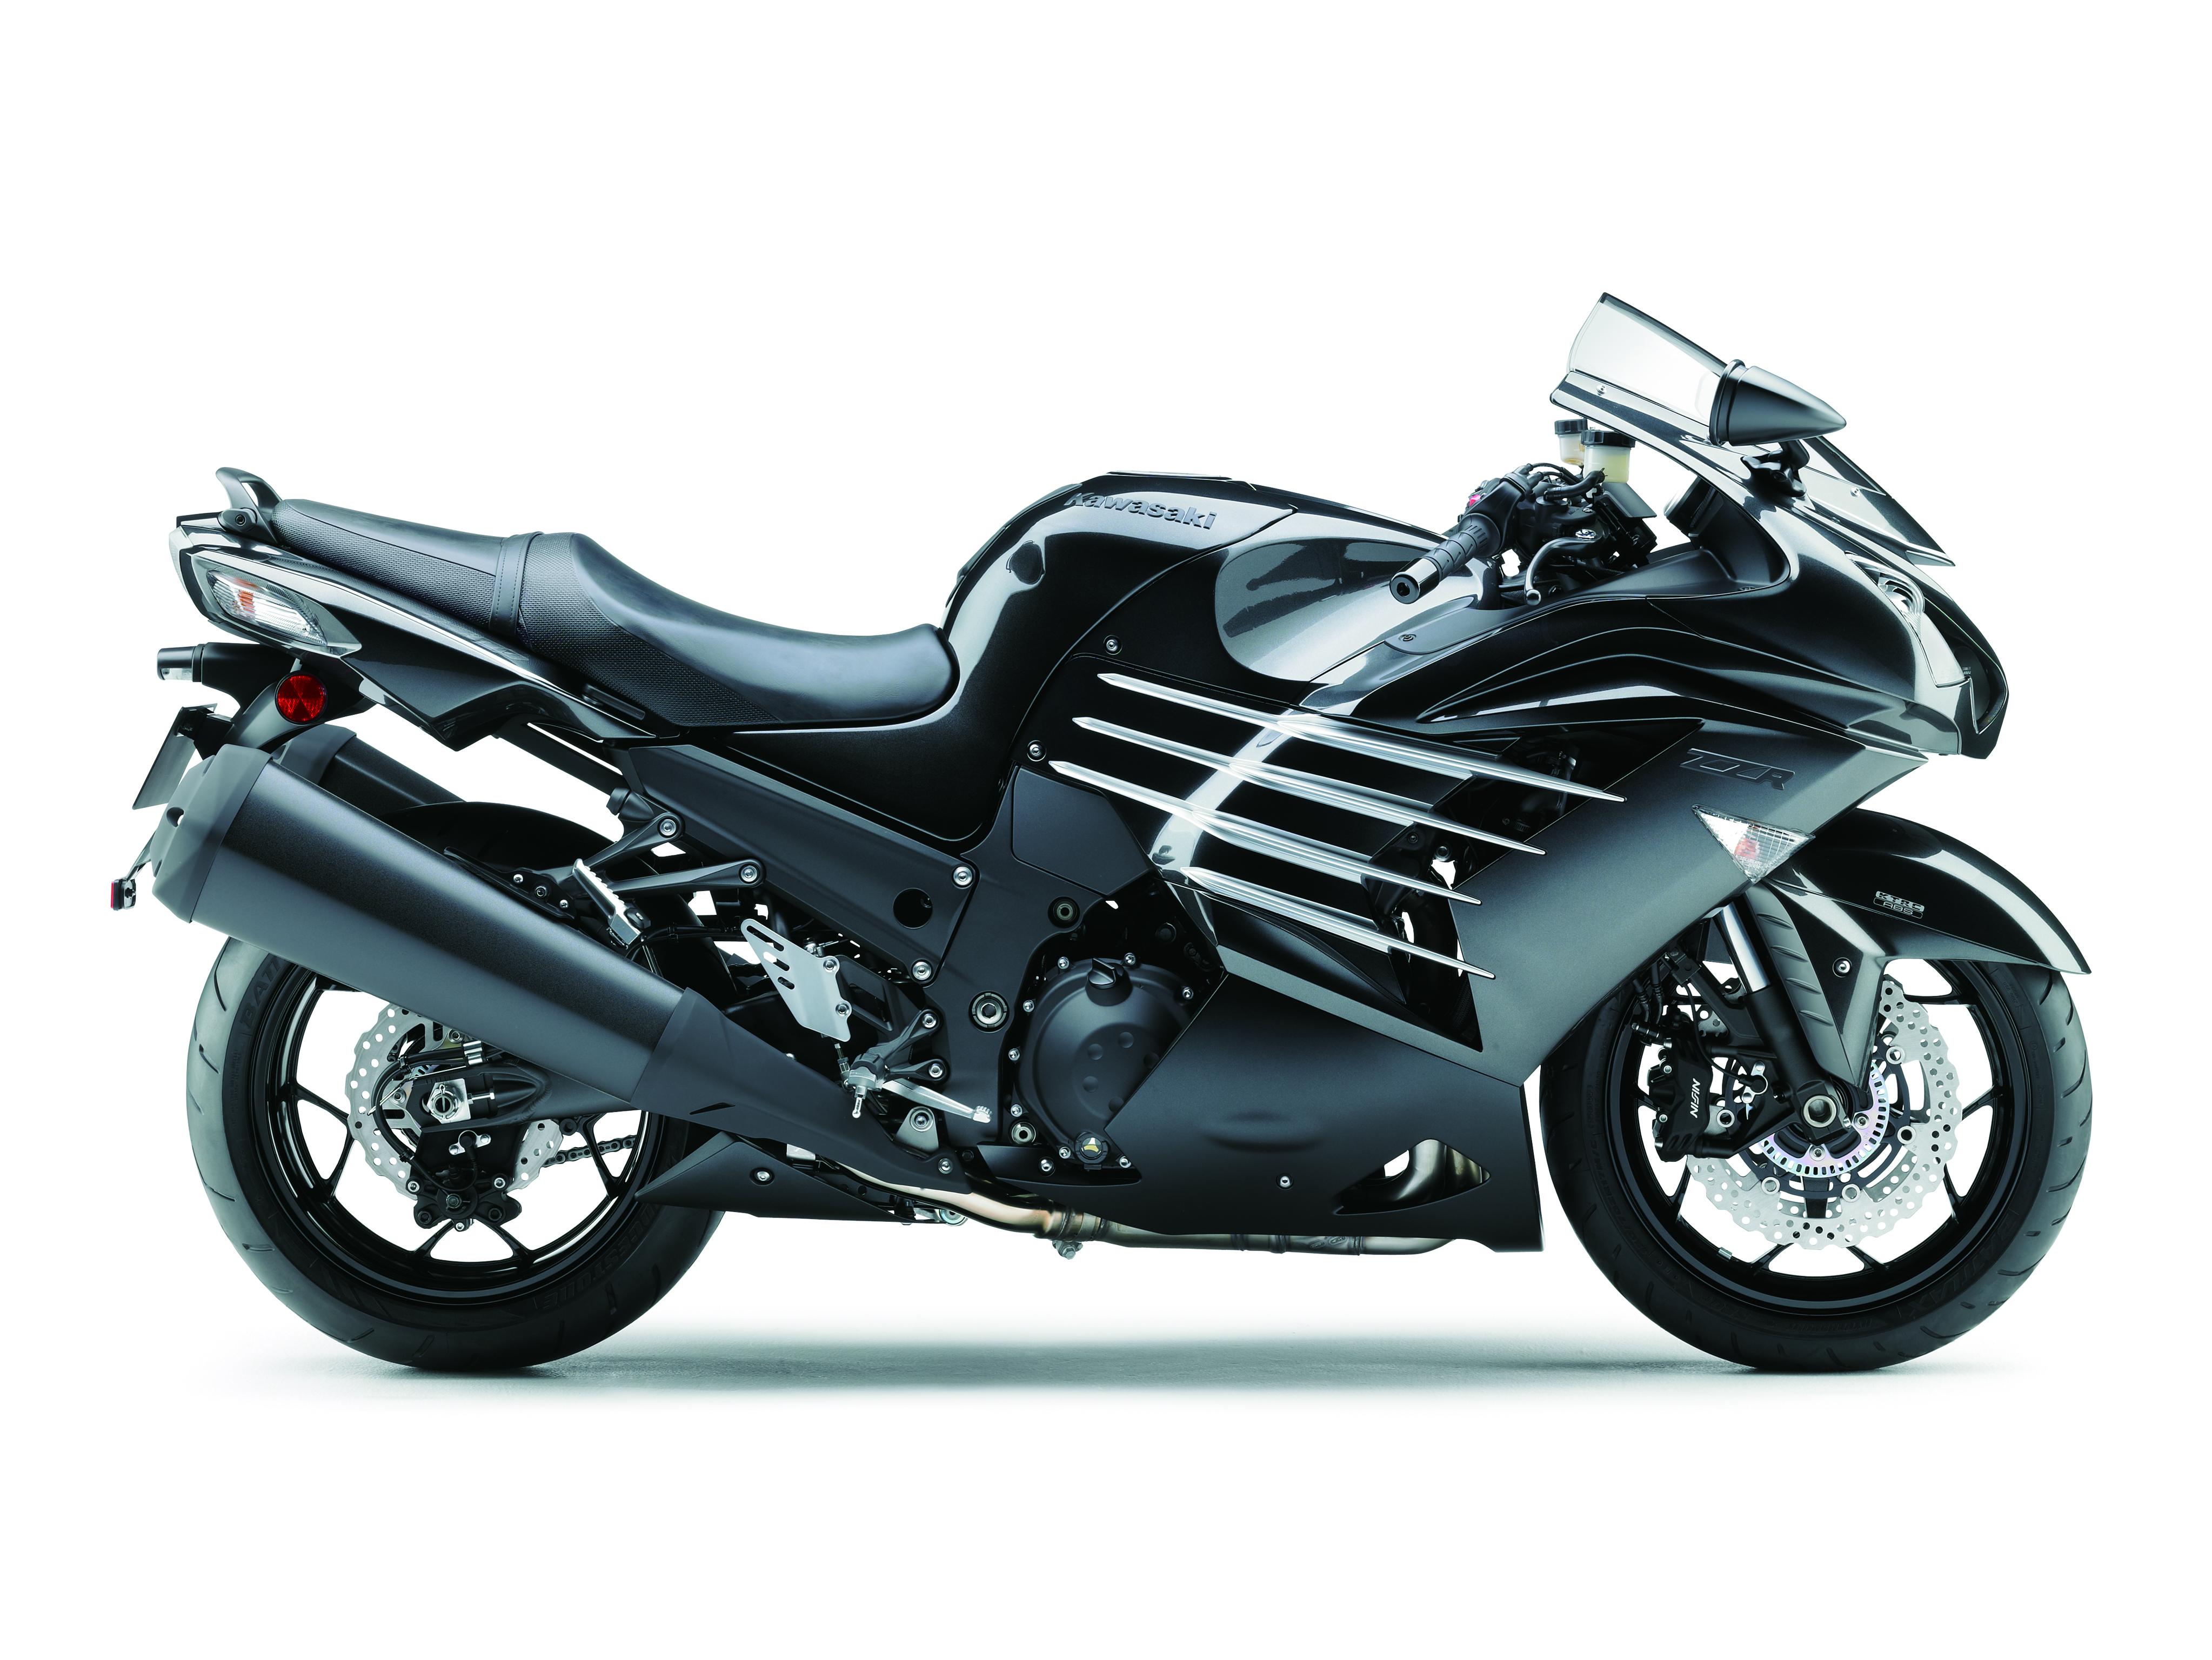 2016 Kawasaki ZZR1400 revealed